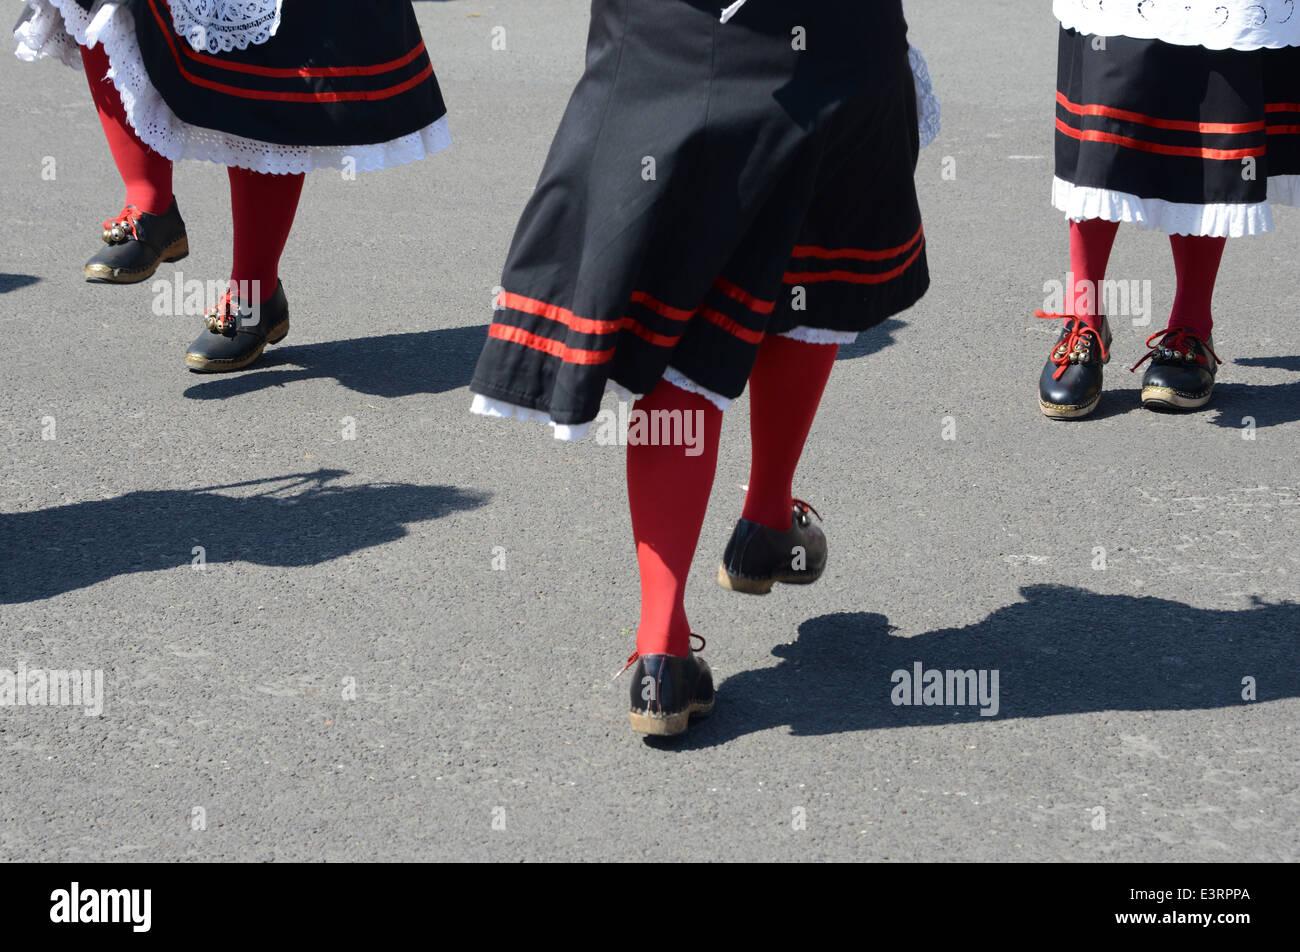 Legs of women Morris dancers - Stock Image